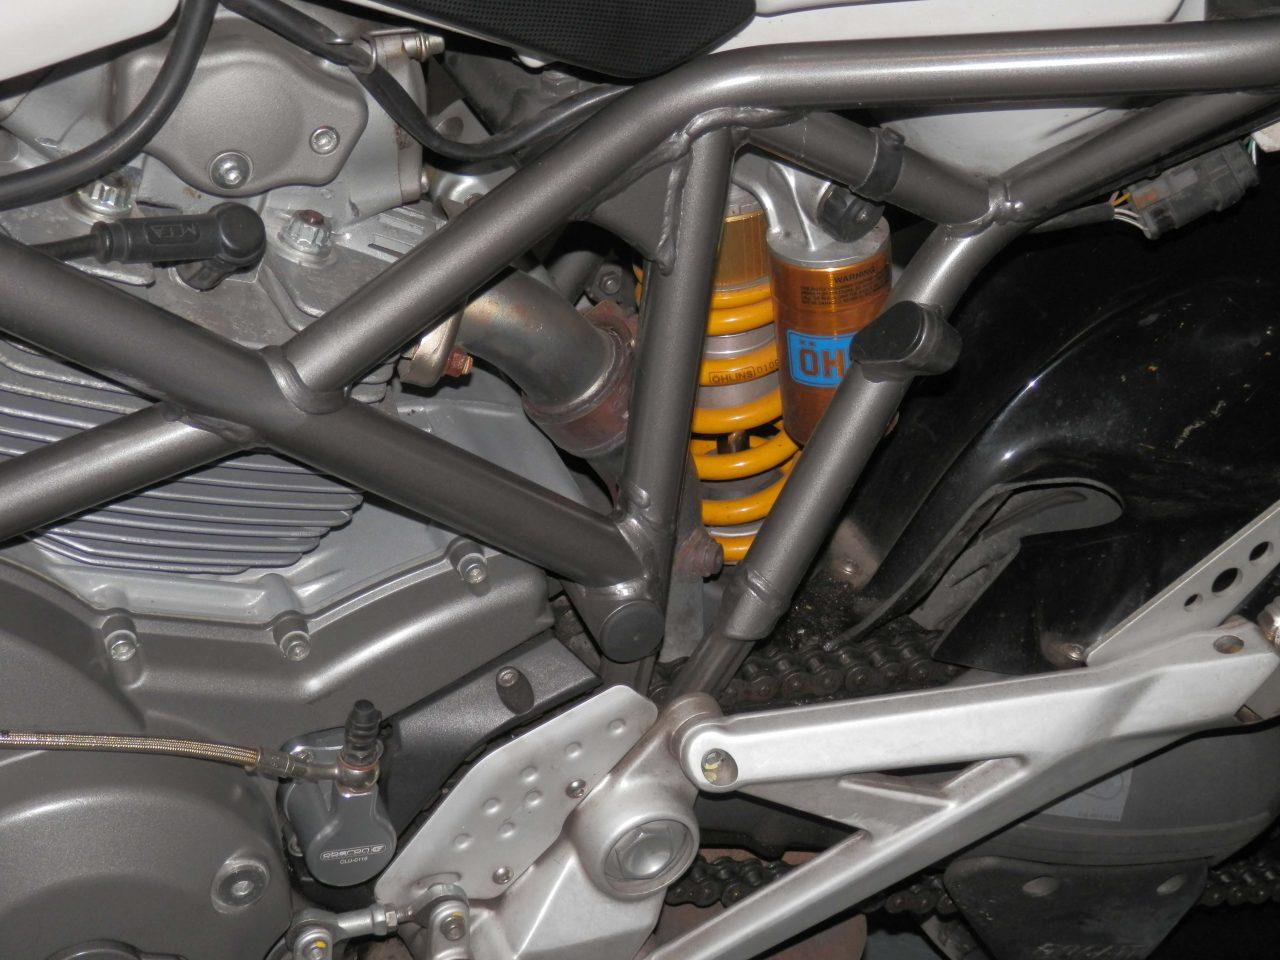 """Ducati Multistrada 1100 """"S"""" Pearl White 2009 09'"""